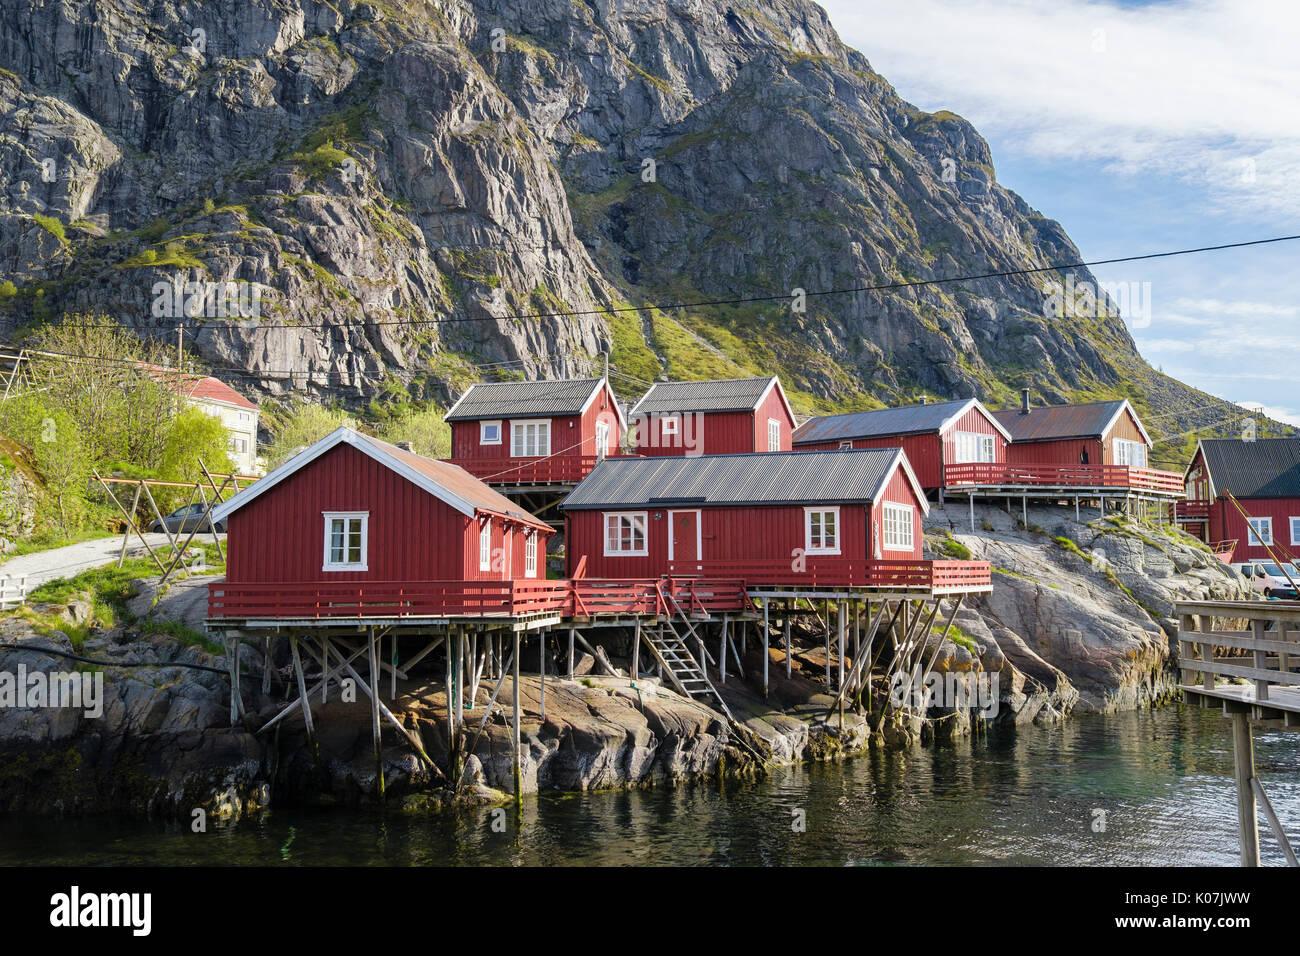 Rosso in legno dei pescatori rorbus capanne ed edifici su palafitte dal mare nel villaggio di pescatori di Å, Moskenes, Moskenesøya isola, isole Lofoten in Norvegia Immagini Stock